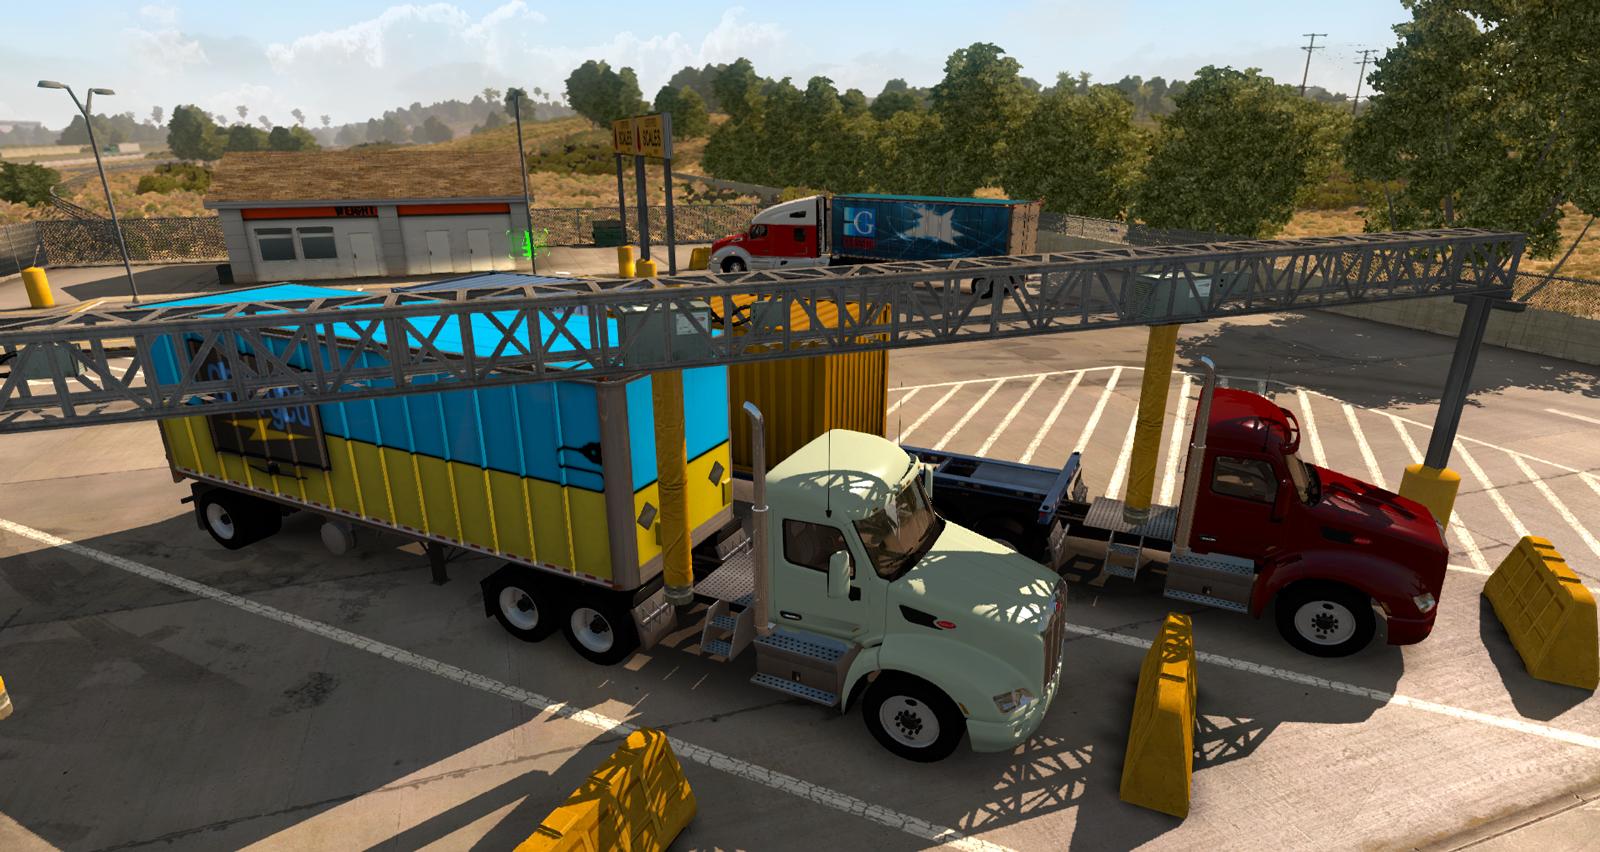 American truck simulator release date in Brisbane